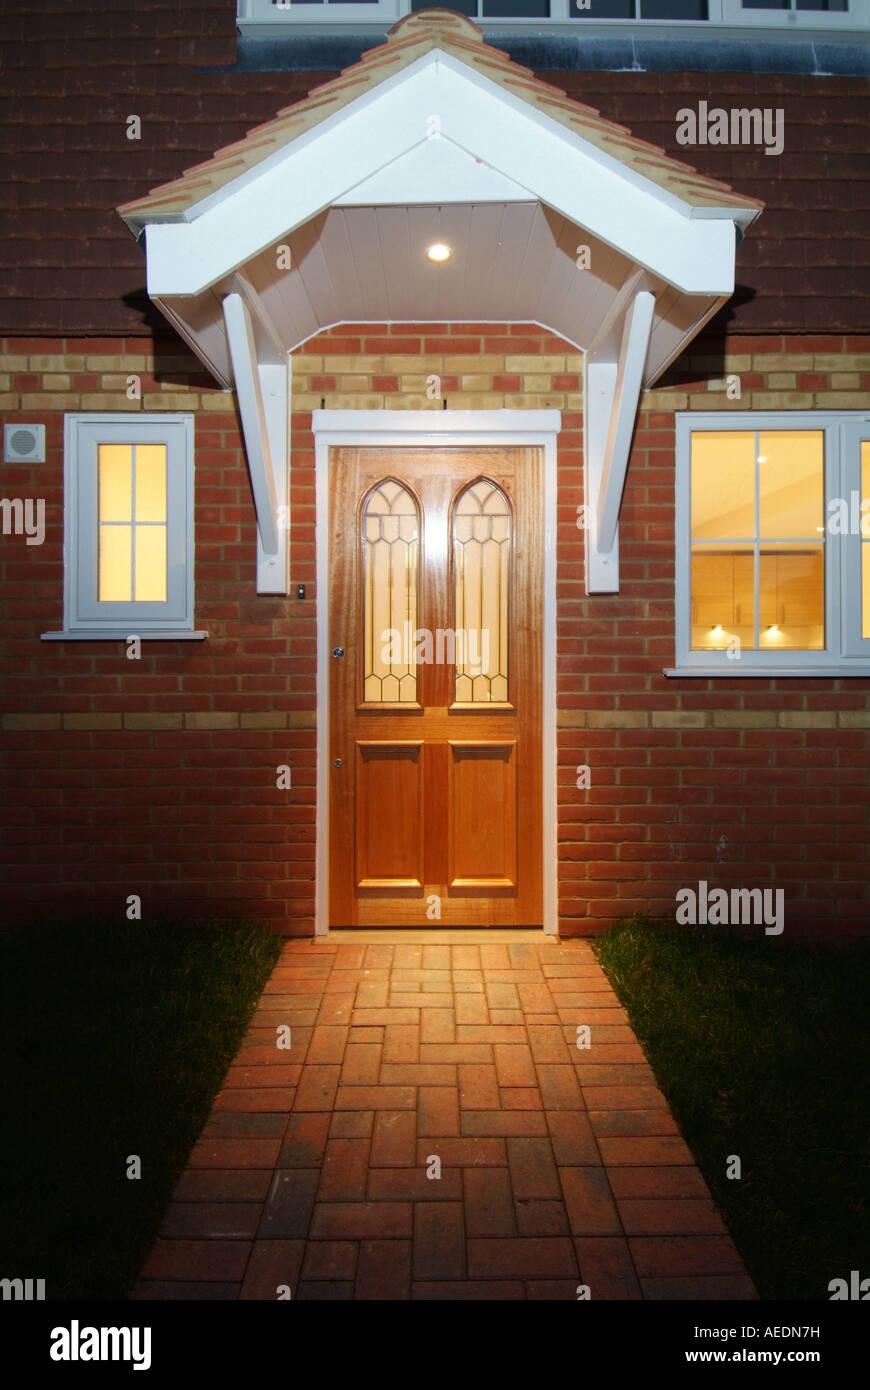 Le Porche D Une Maison une porte d'entrée et le porche d'une maison neuve à la nuit banque